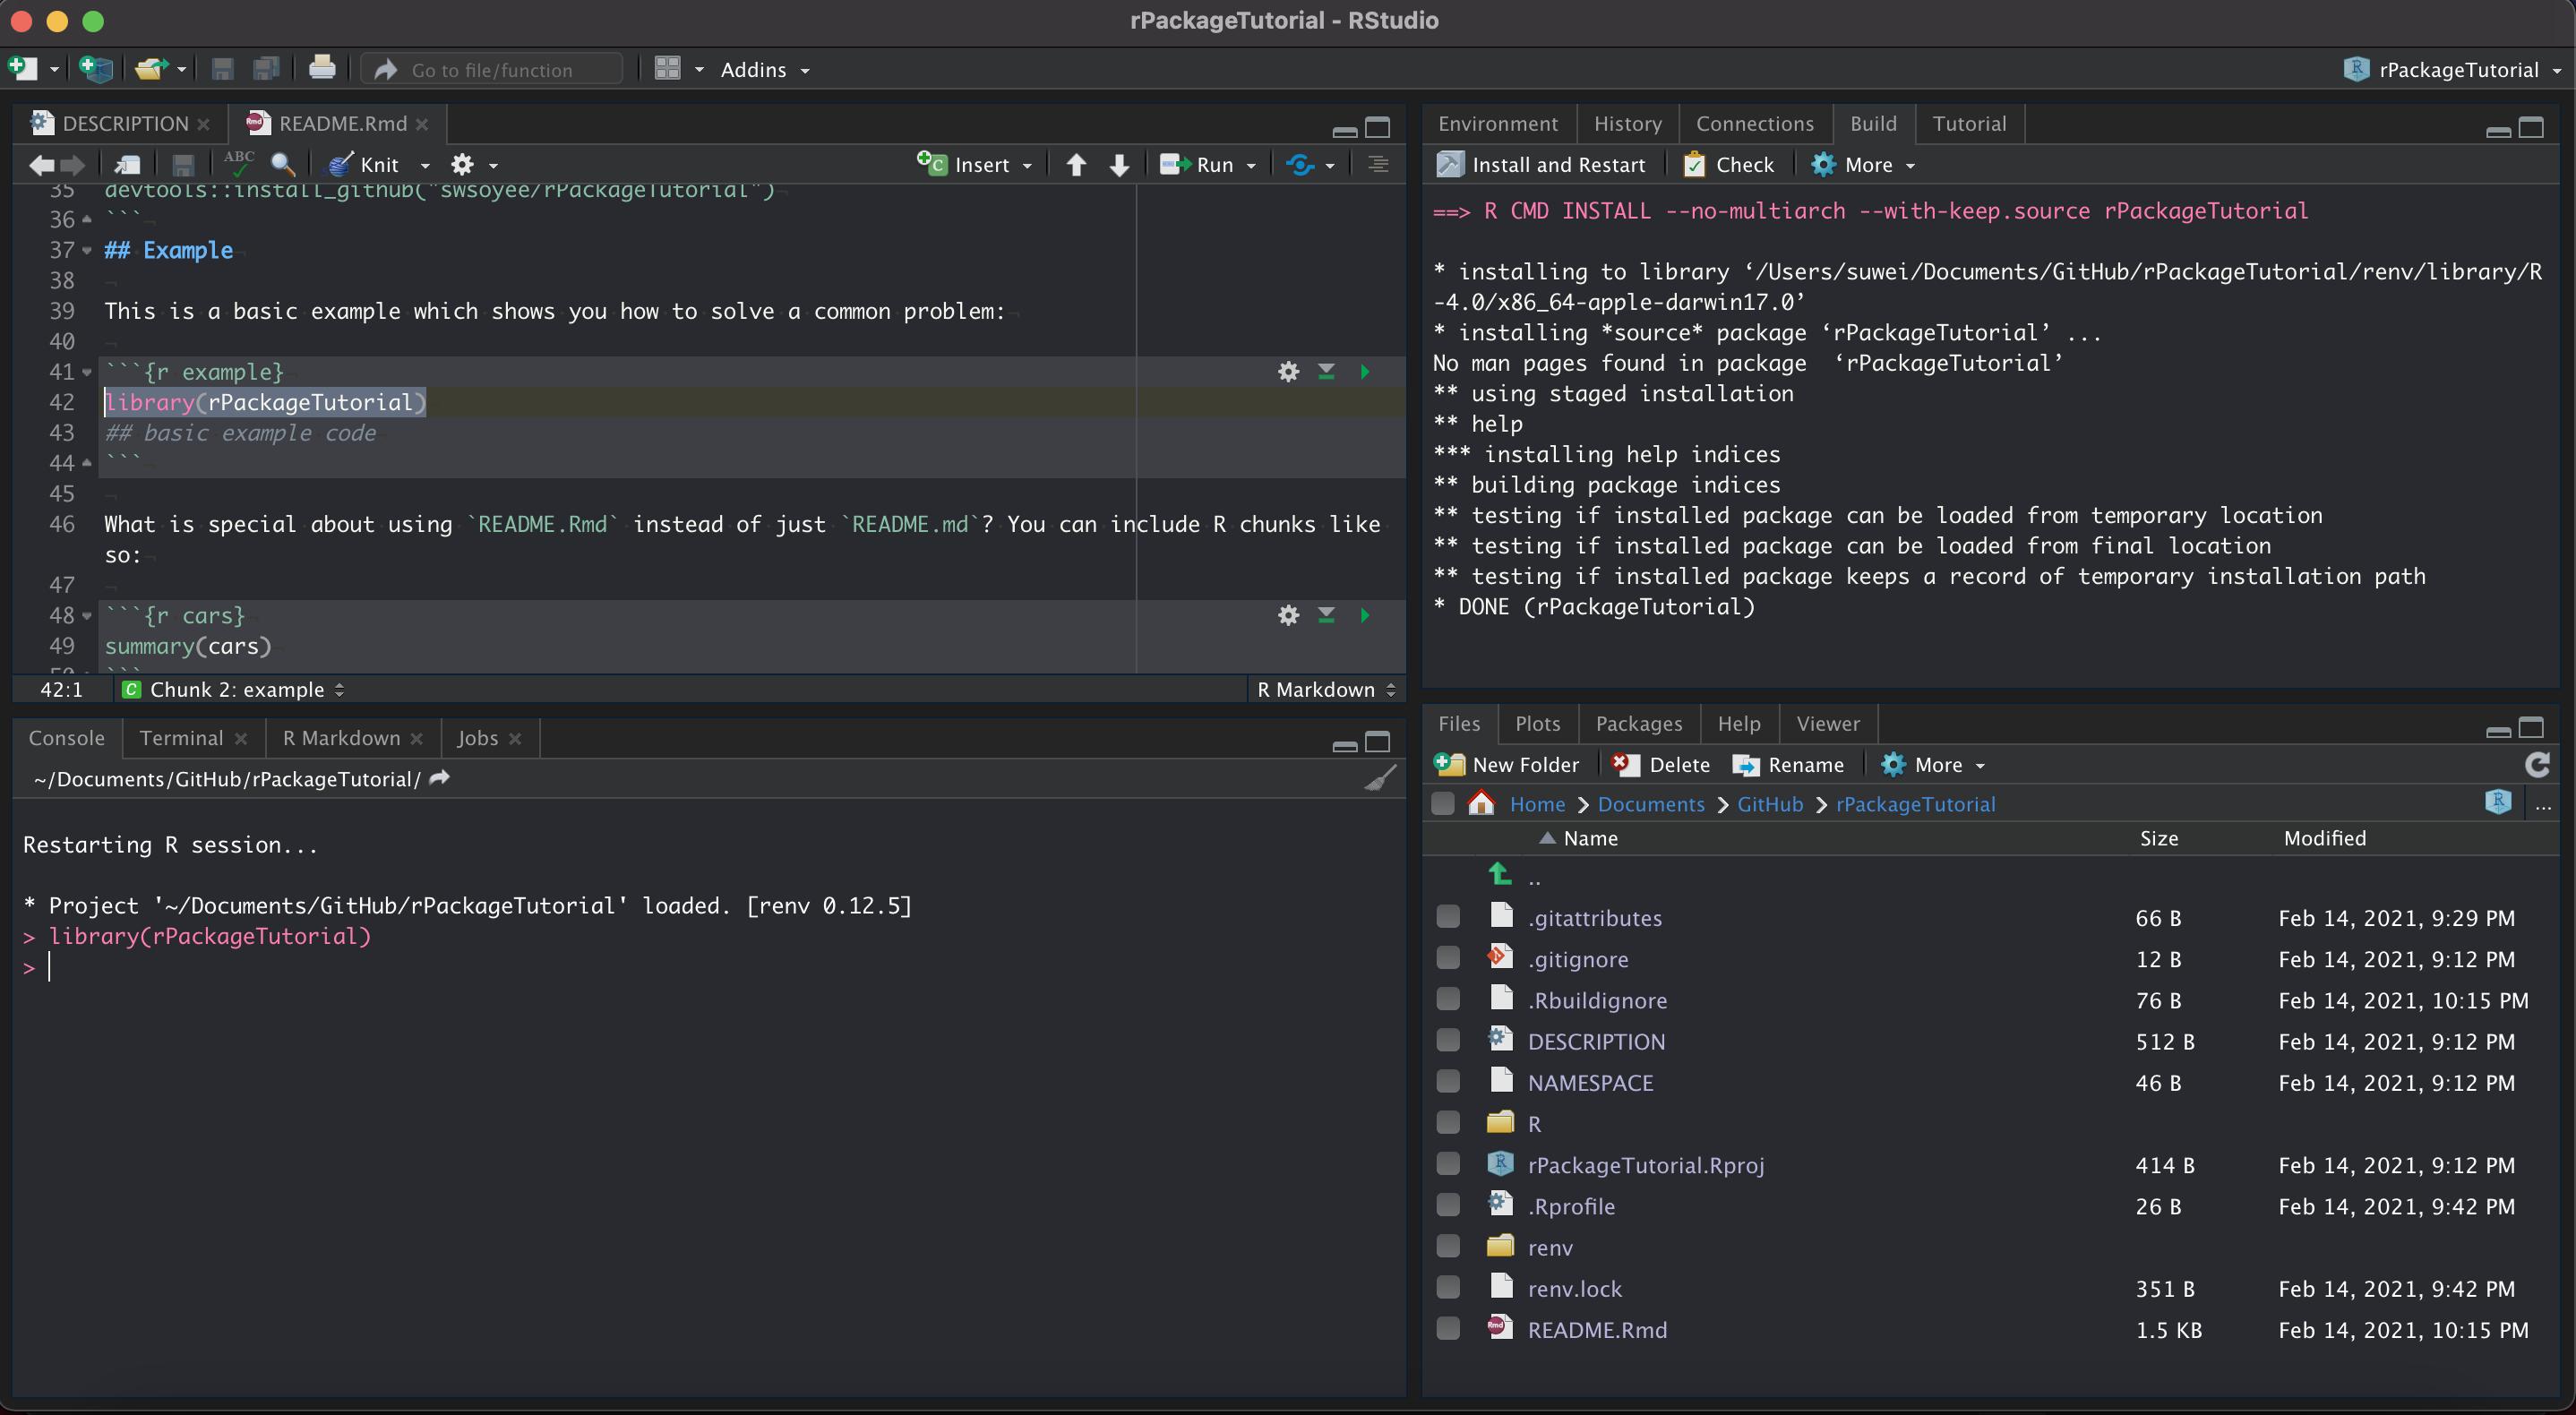 3.4.1 由于图中选择的加载包的代码存在,因此需要先将包成功打包一次才能成功执行。可以选择右侧面板中的 `Build` 标签,按 `Install and Restart` 即可。